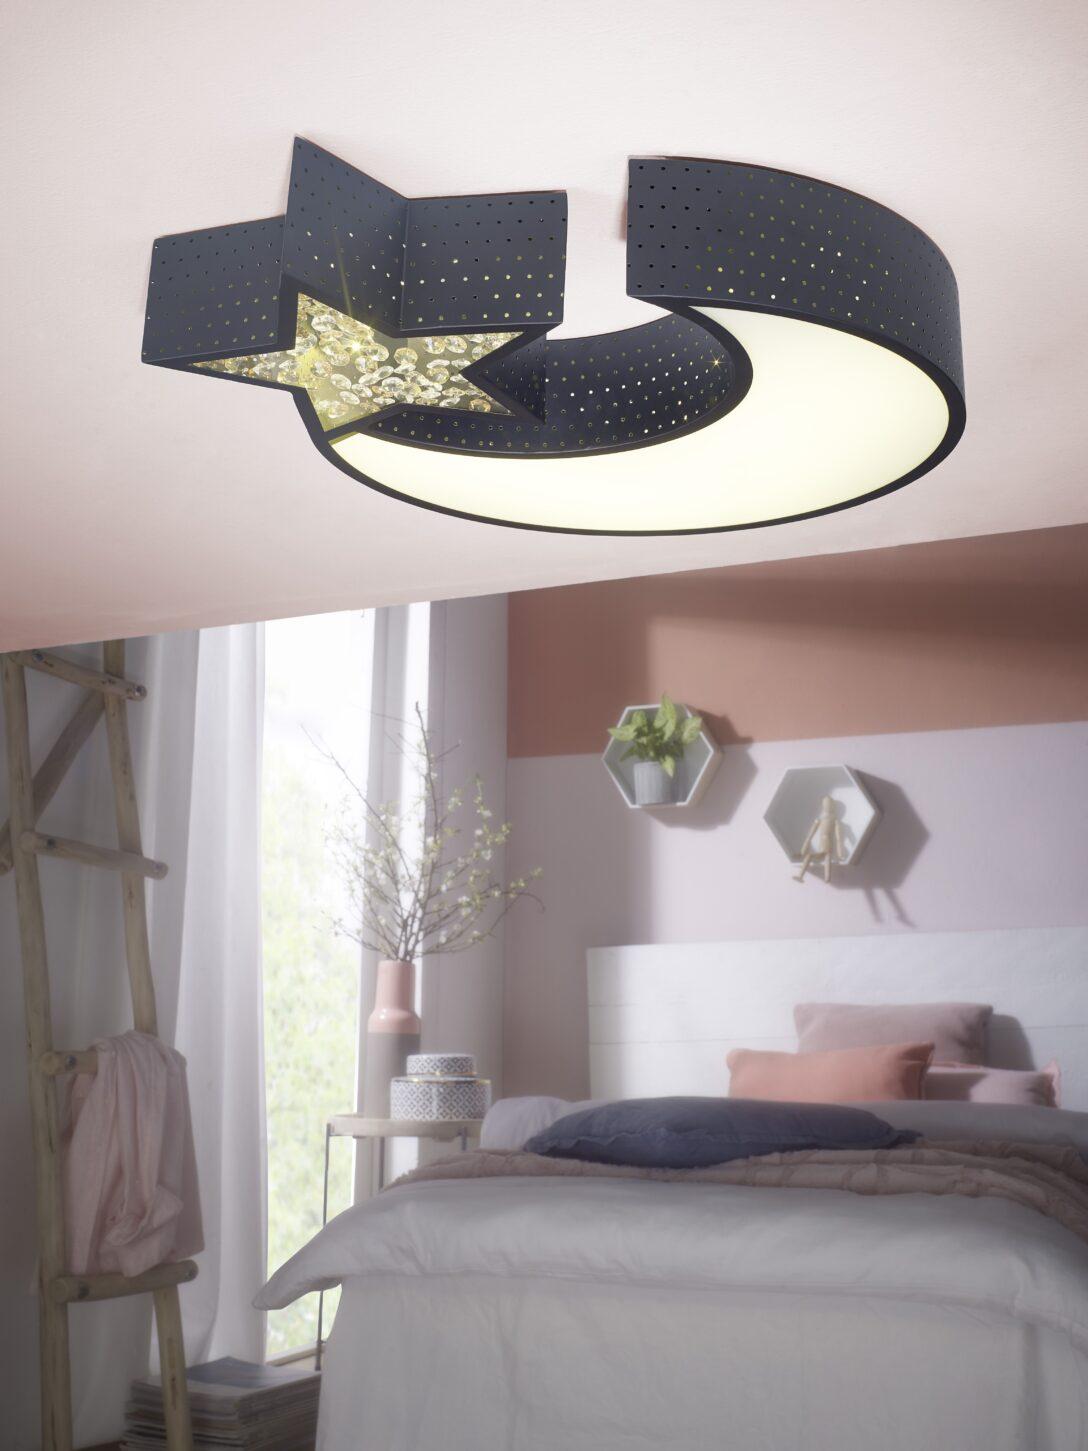 Large Size of Deckenlampe Schlafzimmer Modern Lampe Deckenleuchte Schwarz Komplett Poco Moderne Landhausküche Romantische Komplette Stuhl Für Regal Led Komplettes Gardinen Wohnzimmer Deckenlampe Schlafzimmer Modern